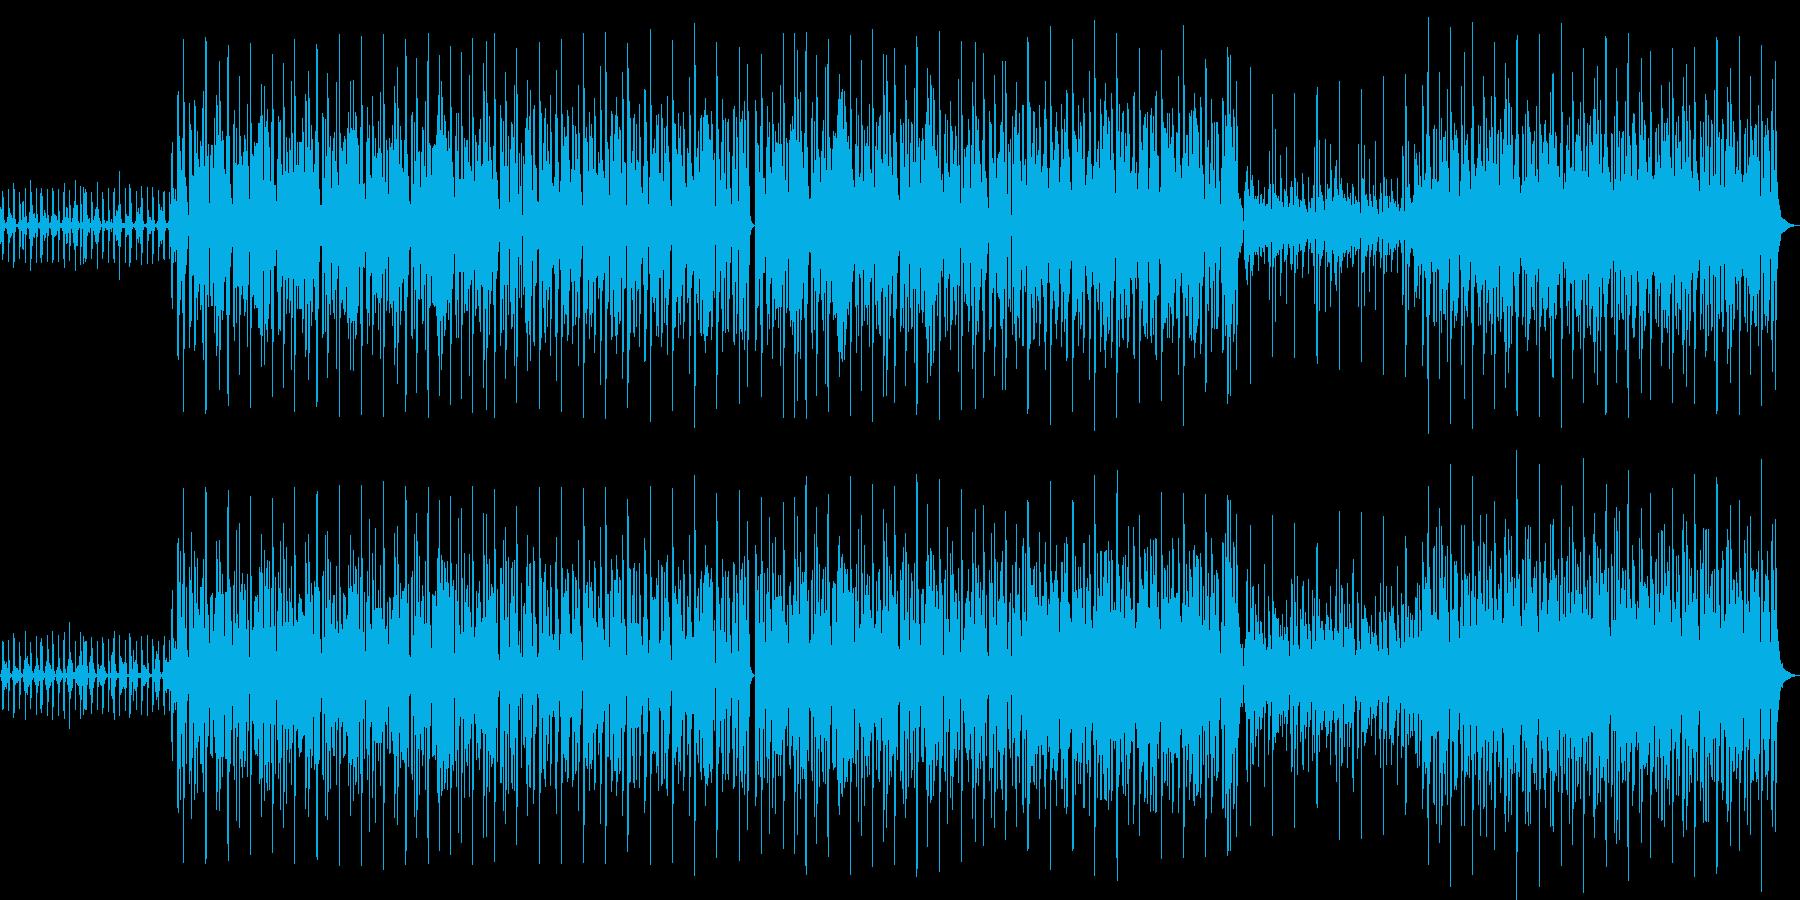 哀愁のあるアコギとスラップベースのハウスの再生済みの波形